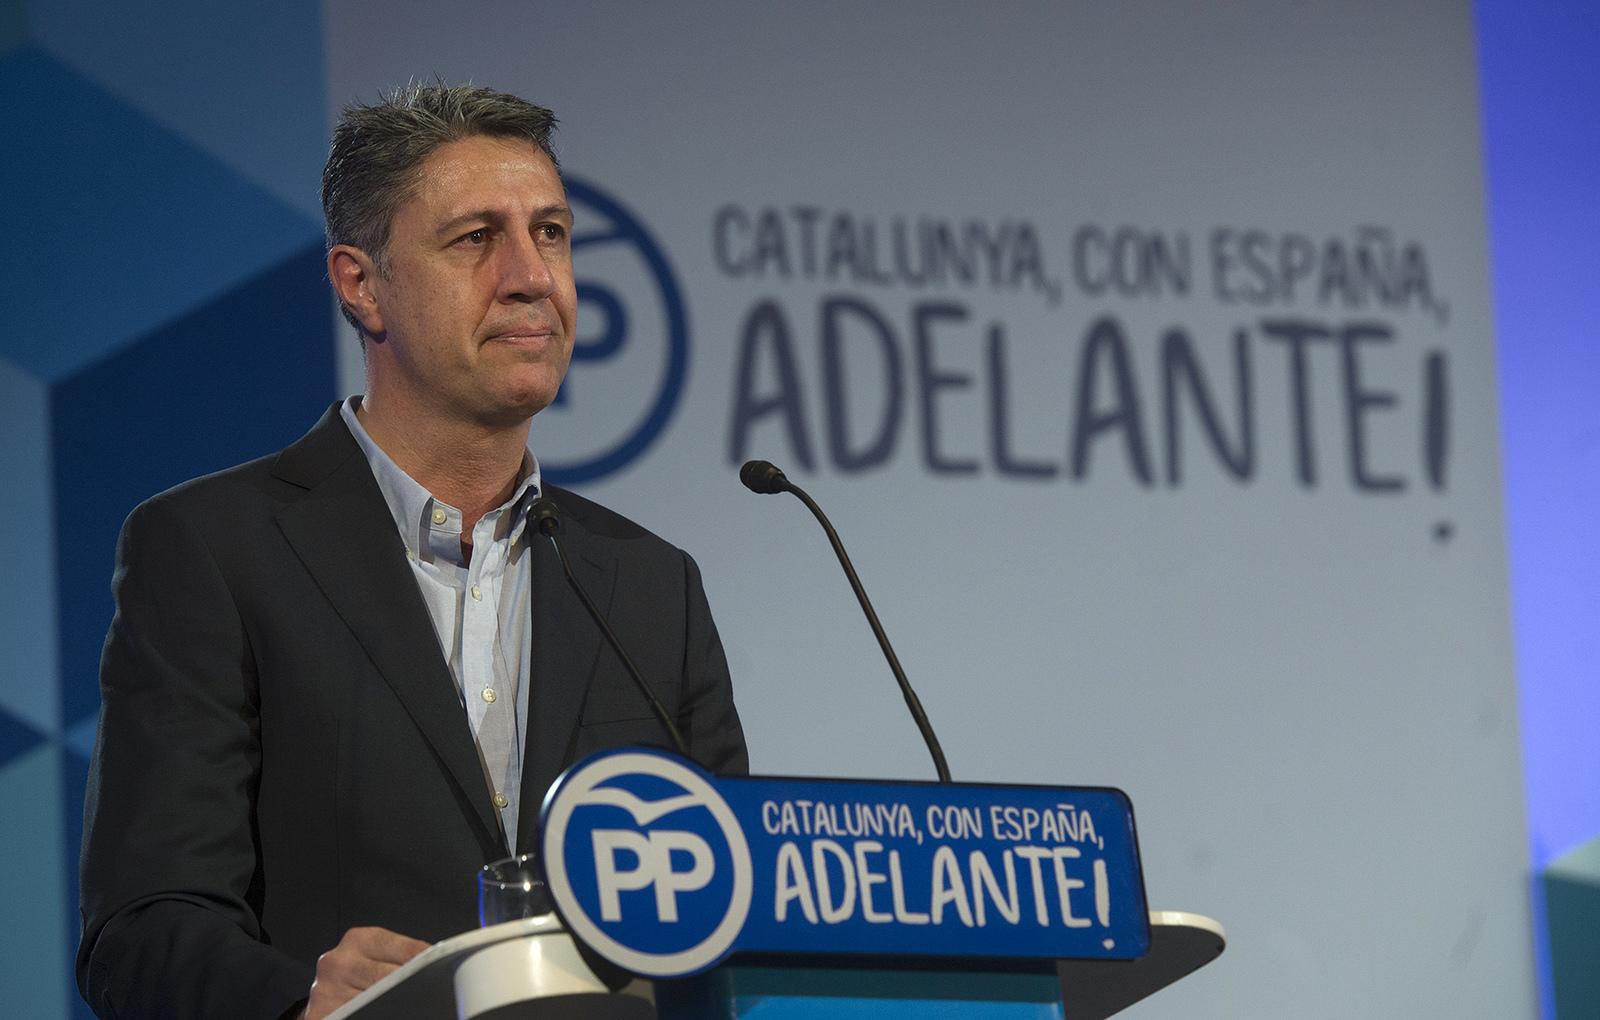 Remontada del PP en Cataluña, cae la CUP y JxSí, ERC ganaría y C's sigue en caída libre